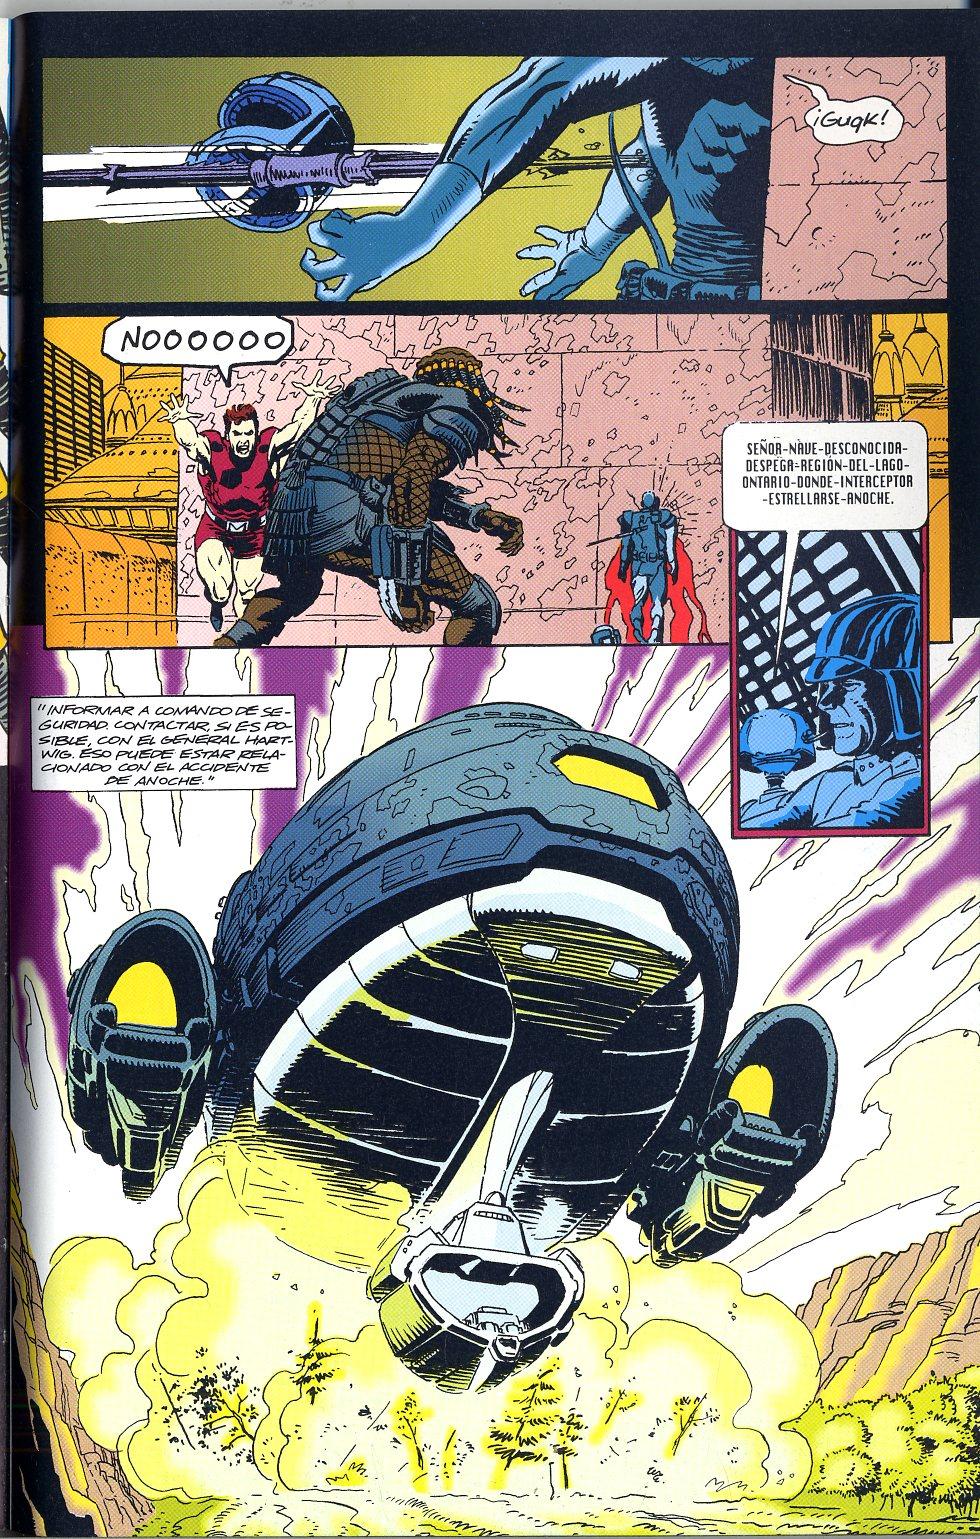 """El Magnus de """"Valiant"""" se mueve en un mundo que poco tiene que ver con la  idealizada sociedad que mostraba """"Gold Key"""". En realidad el mundo de Magnus  - por ..."""